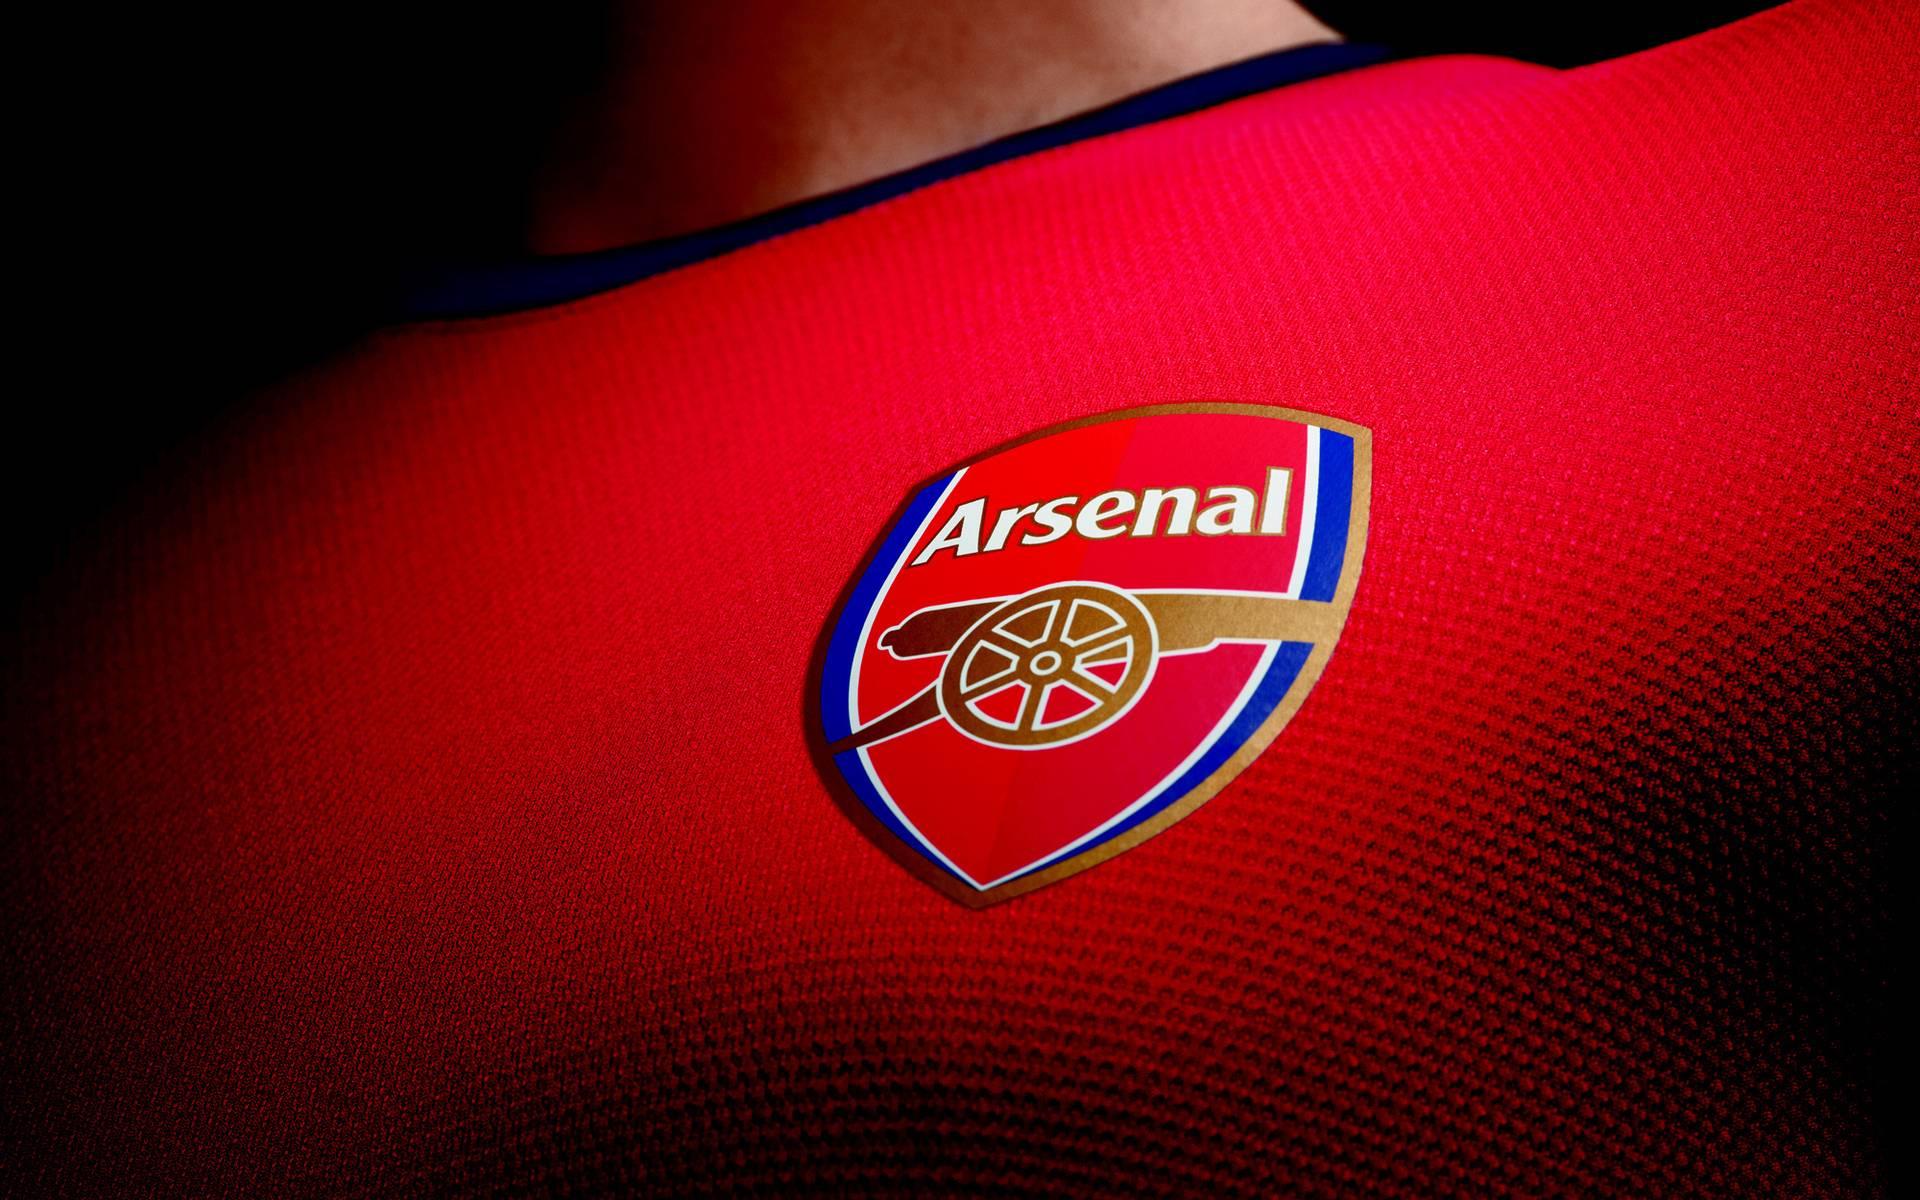 Wallpaper iphone arsenal - Arsenal Logo Jersey Wallpaper Hd Skilal 5527 Skilal Com